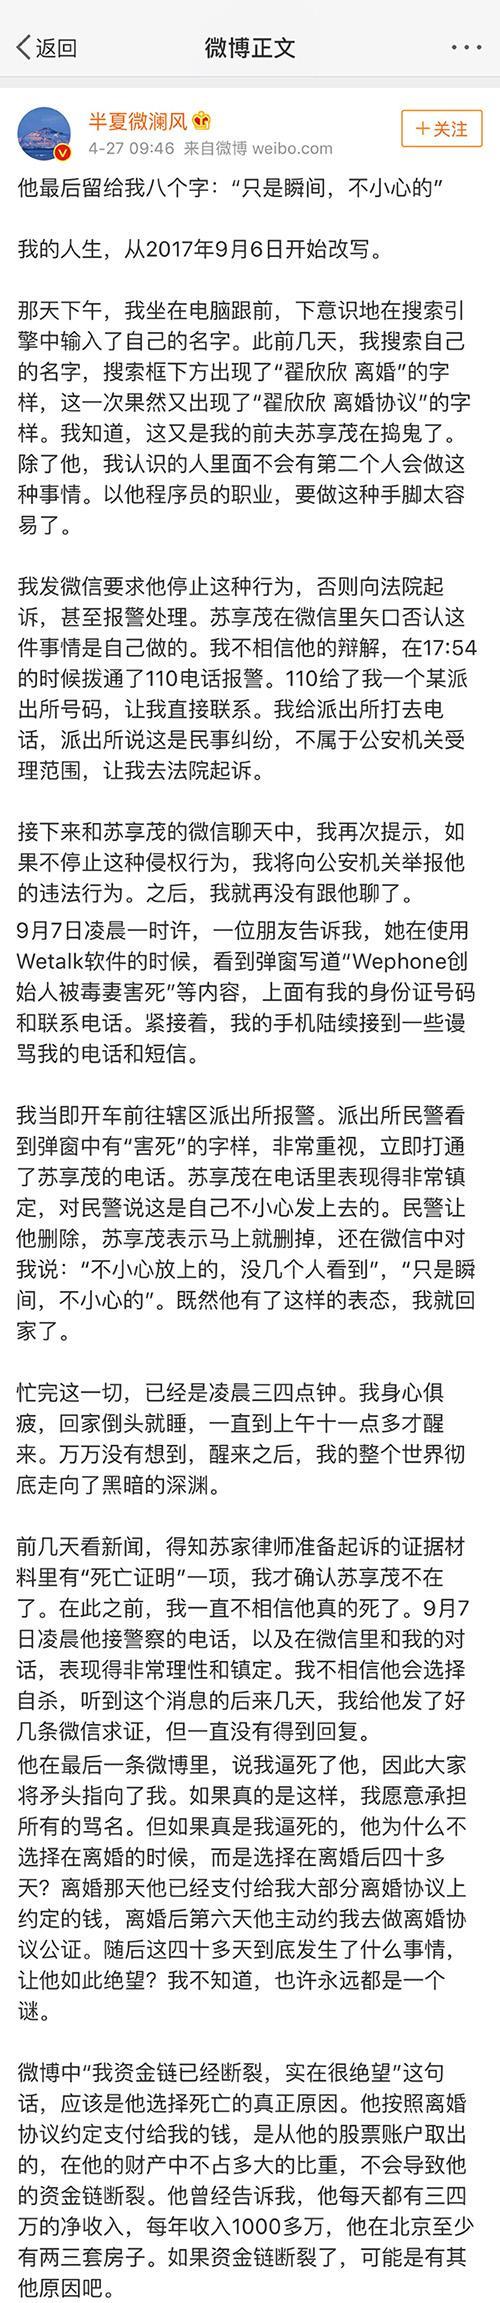 自杀程序员苏享茂前妻翟欣欣长文否认逼苏享茂跳楼猴王智库交流平台